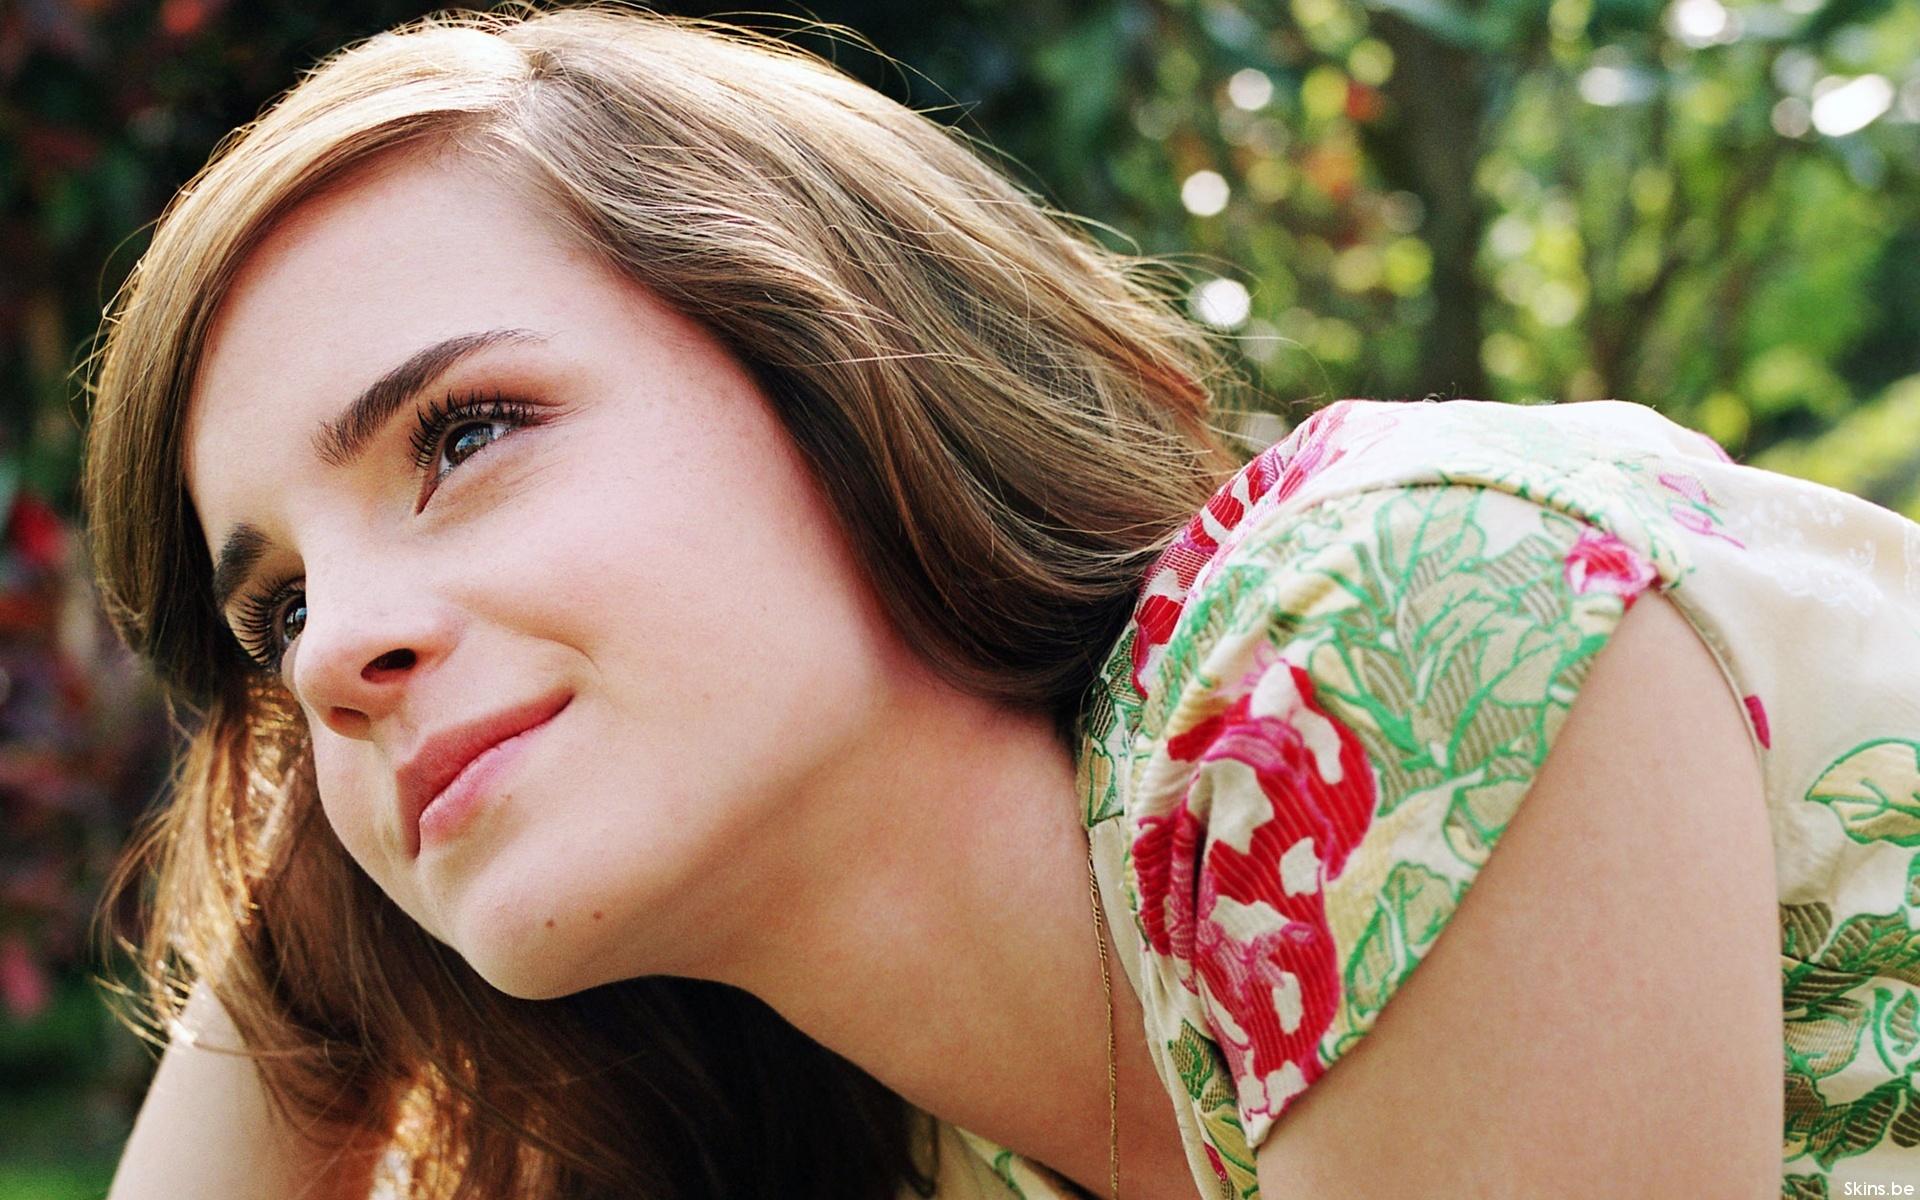 Emma Watson images Emma Watson HD wallpaper and background photos ... Emma Watson